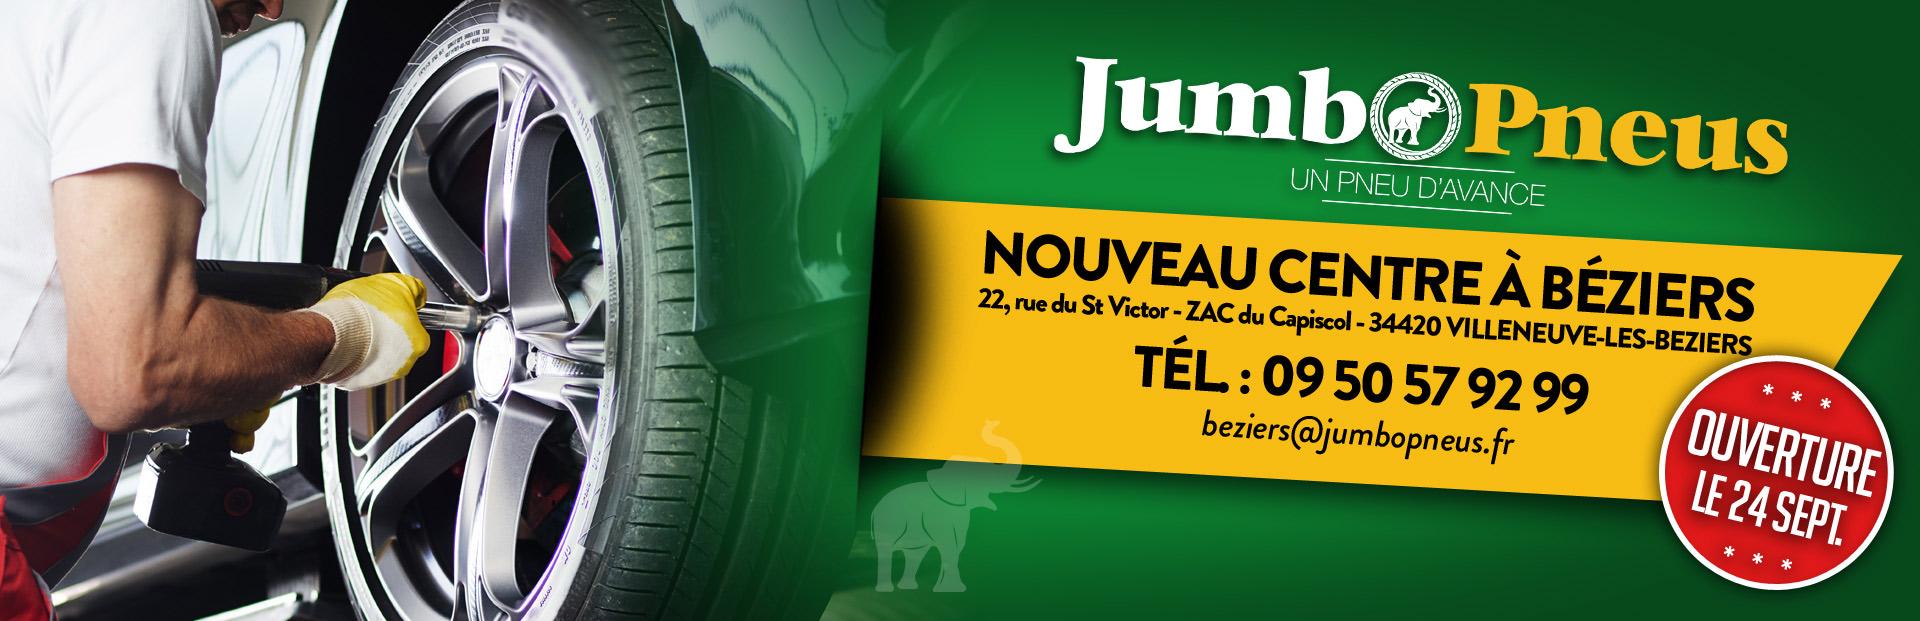 Ouverture d'un nouveau centre Jumbo Pneus à Béziers (34)